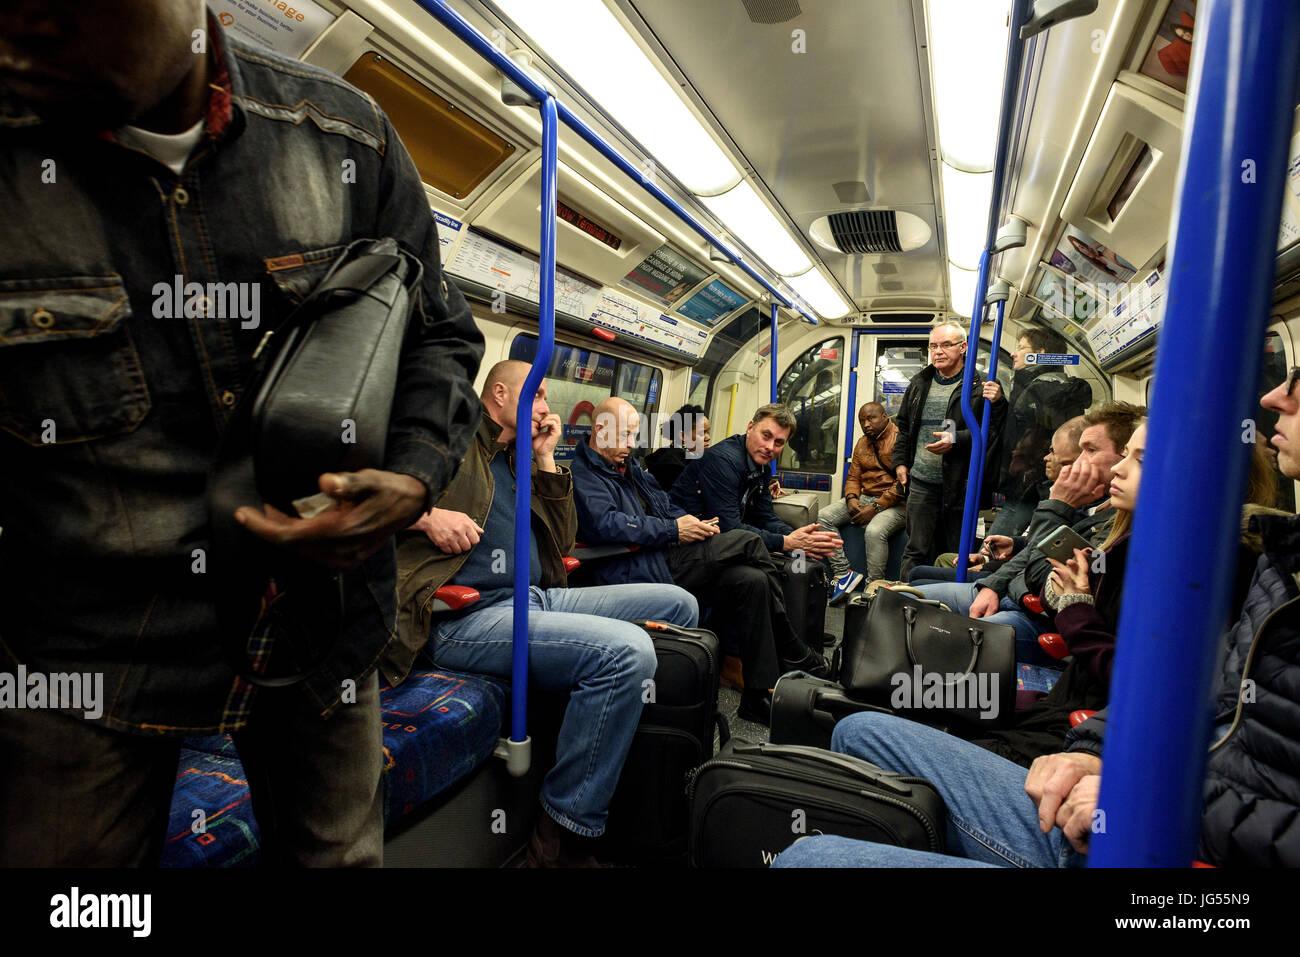 Diverses personnes mixtes sur une circonscription London Underground tube train dans leurs voitures à la fois Photo Stock